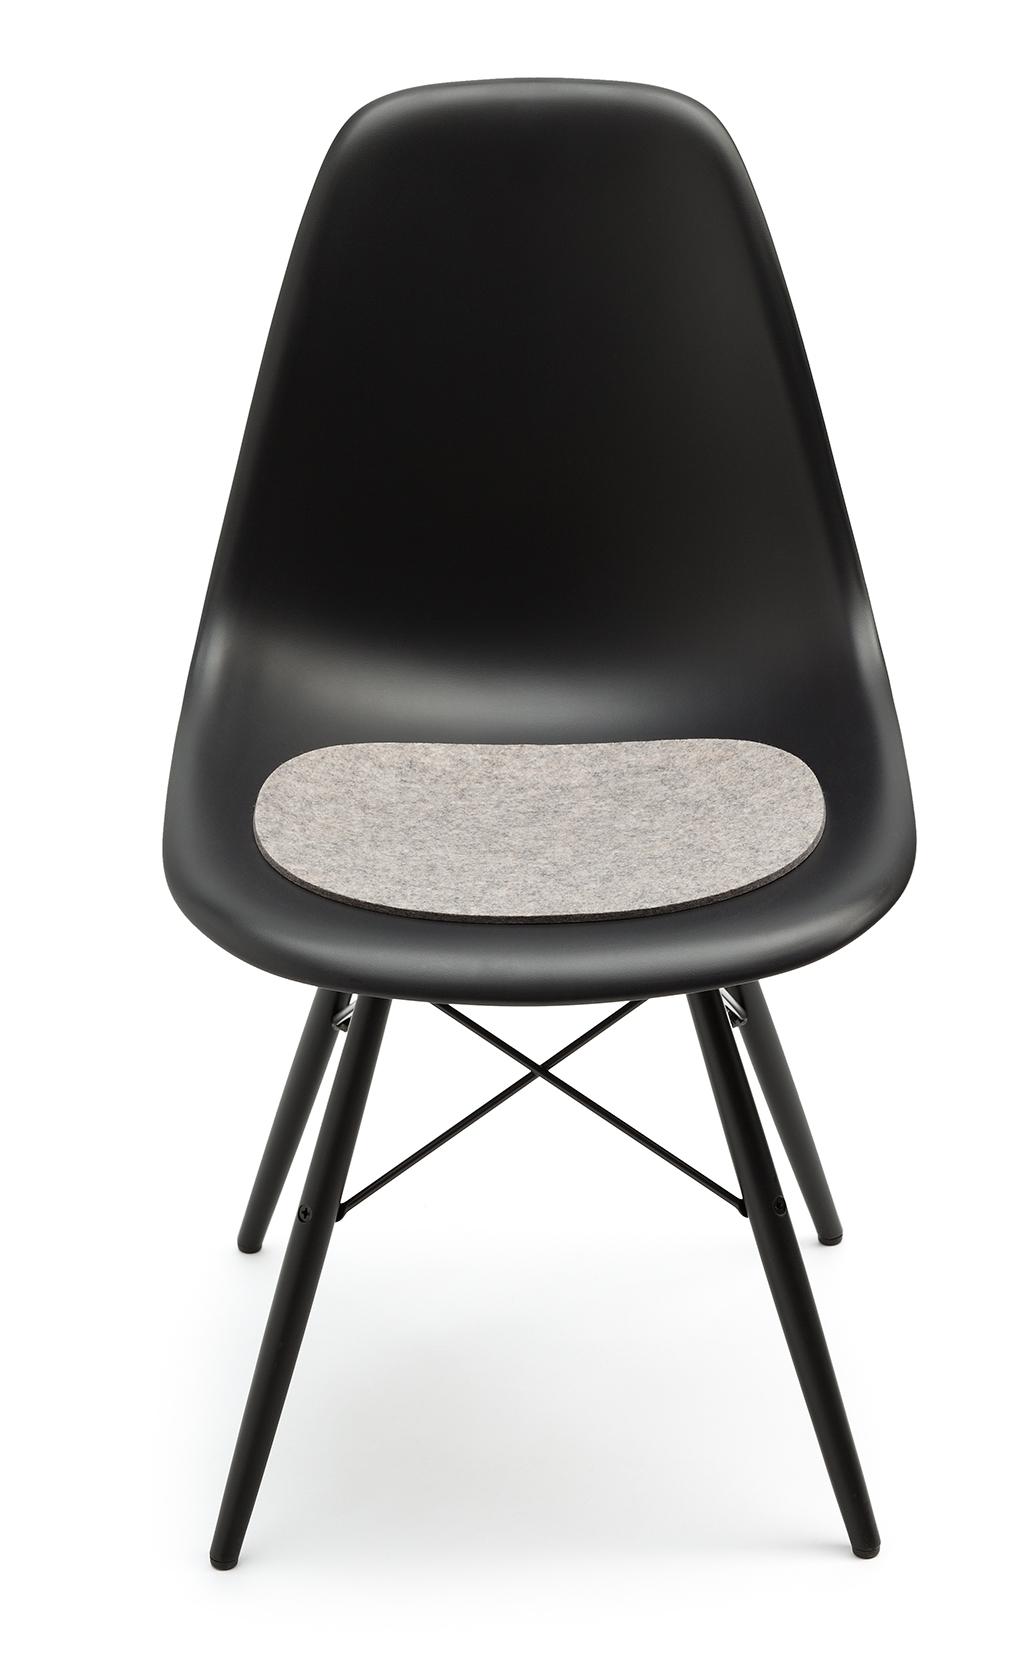 Sitzauflage-Filzauflage Eames Plastic Side Chairs DSR / DSW Grün Hey Sign